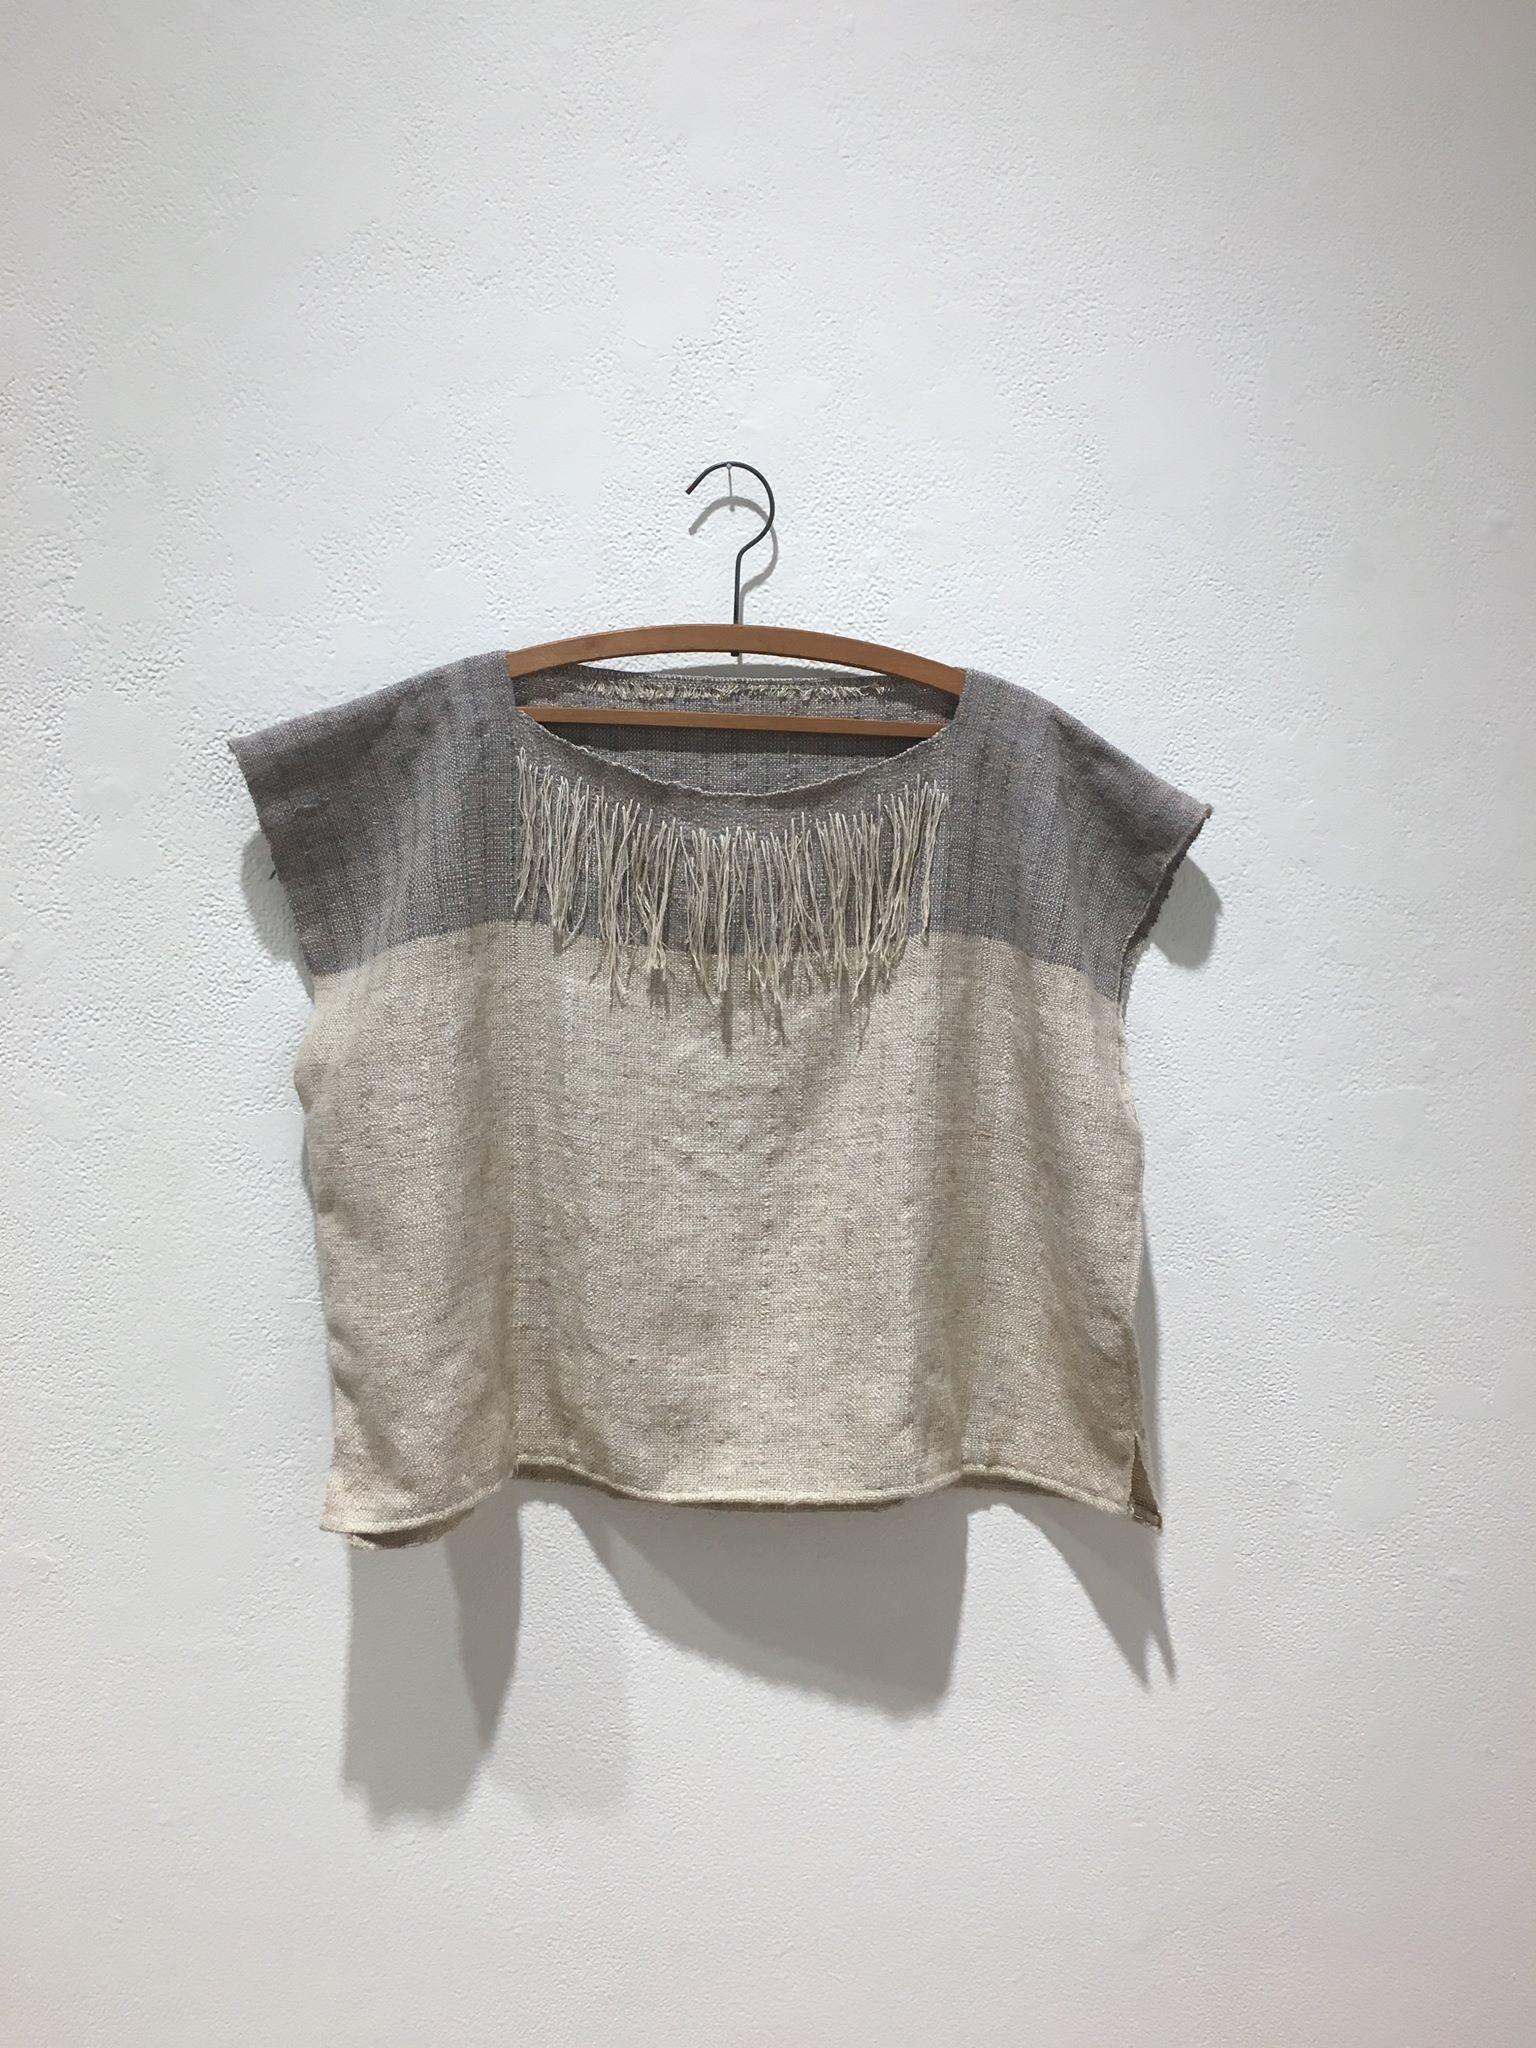 WovenShirt.jpg